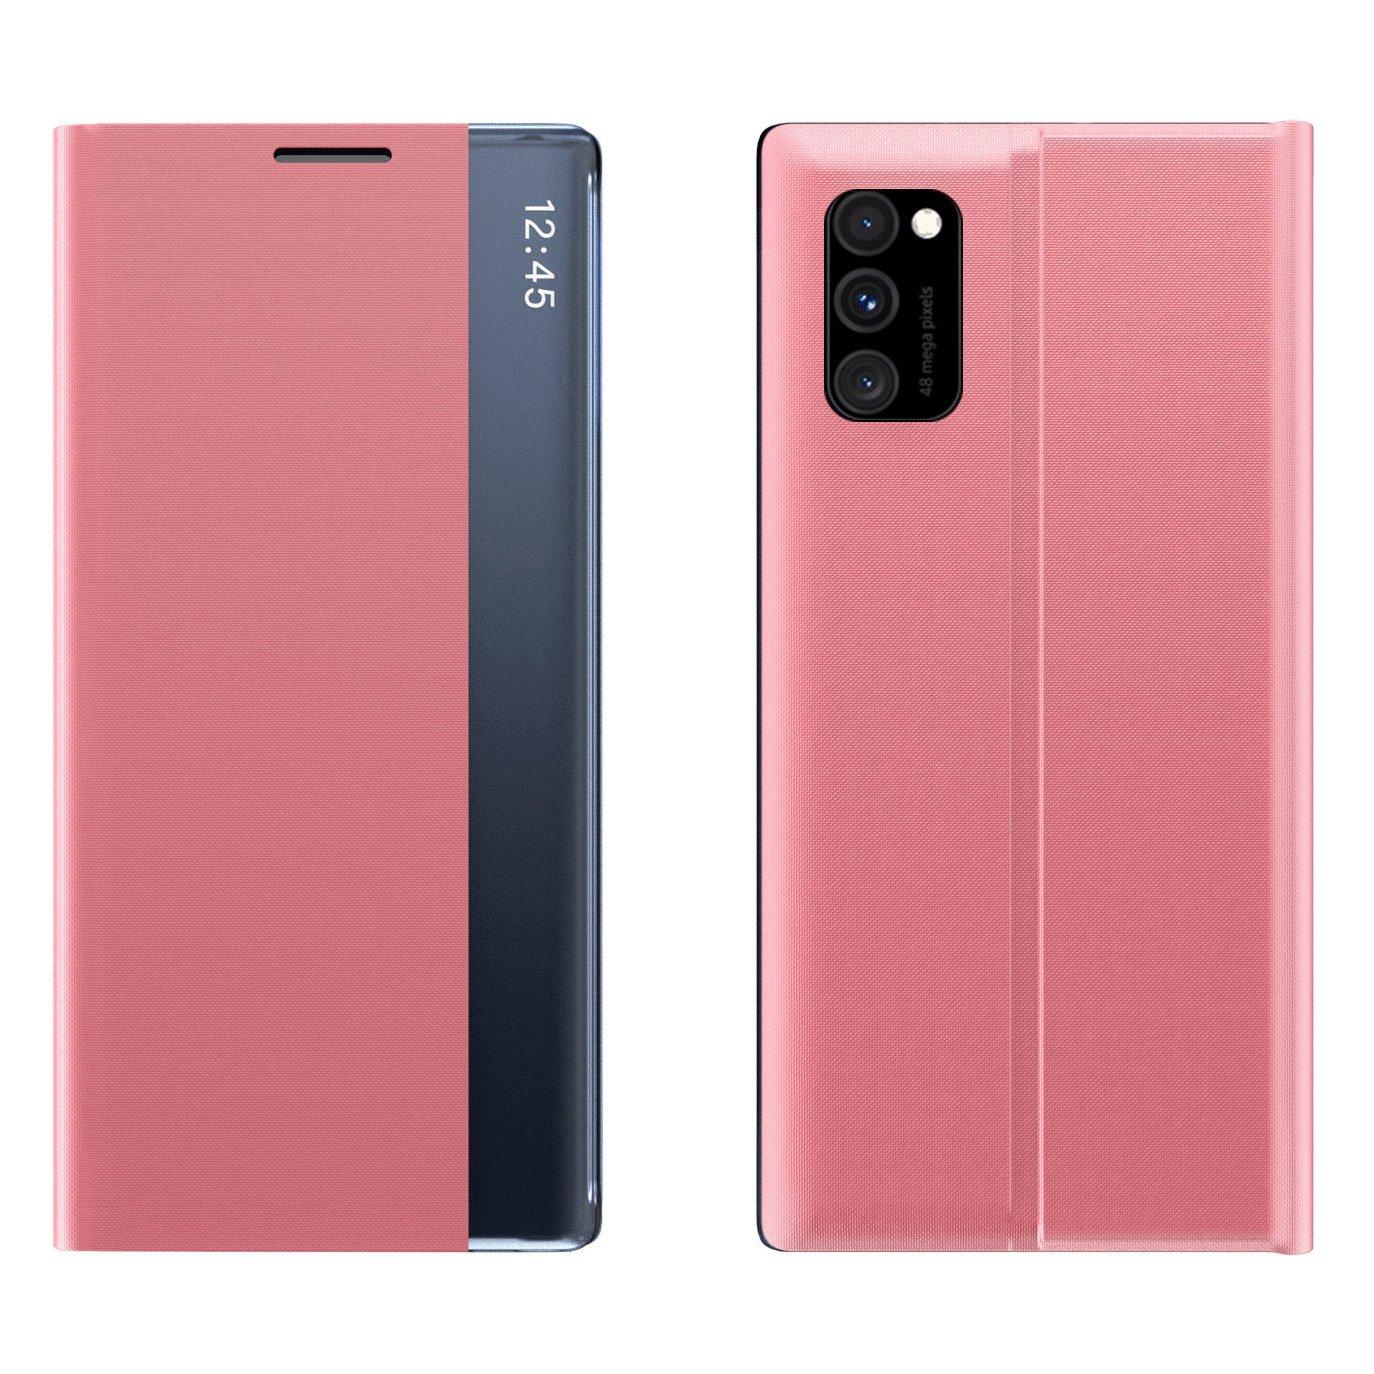 New Sleep knížkové pouzdro naSamsung Galaxy Note 10 Lite pink